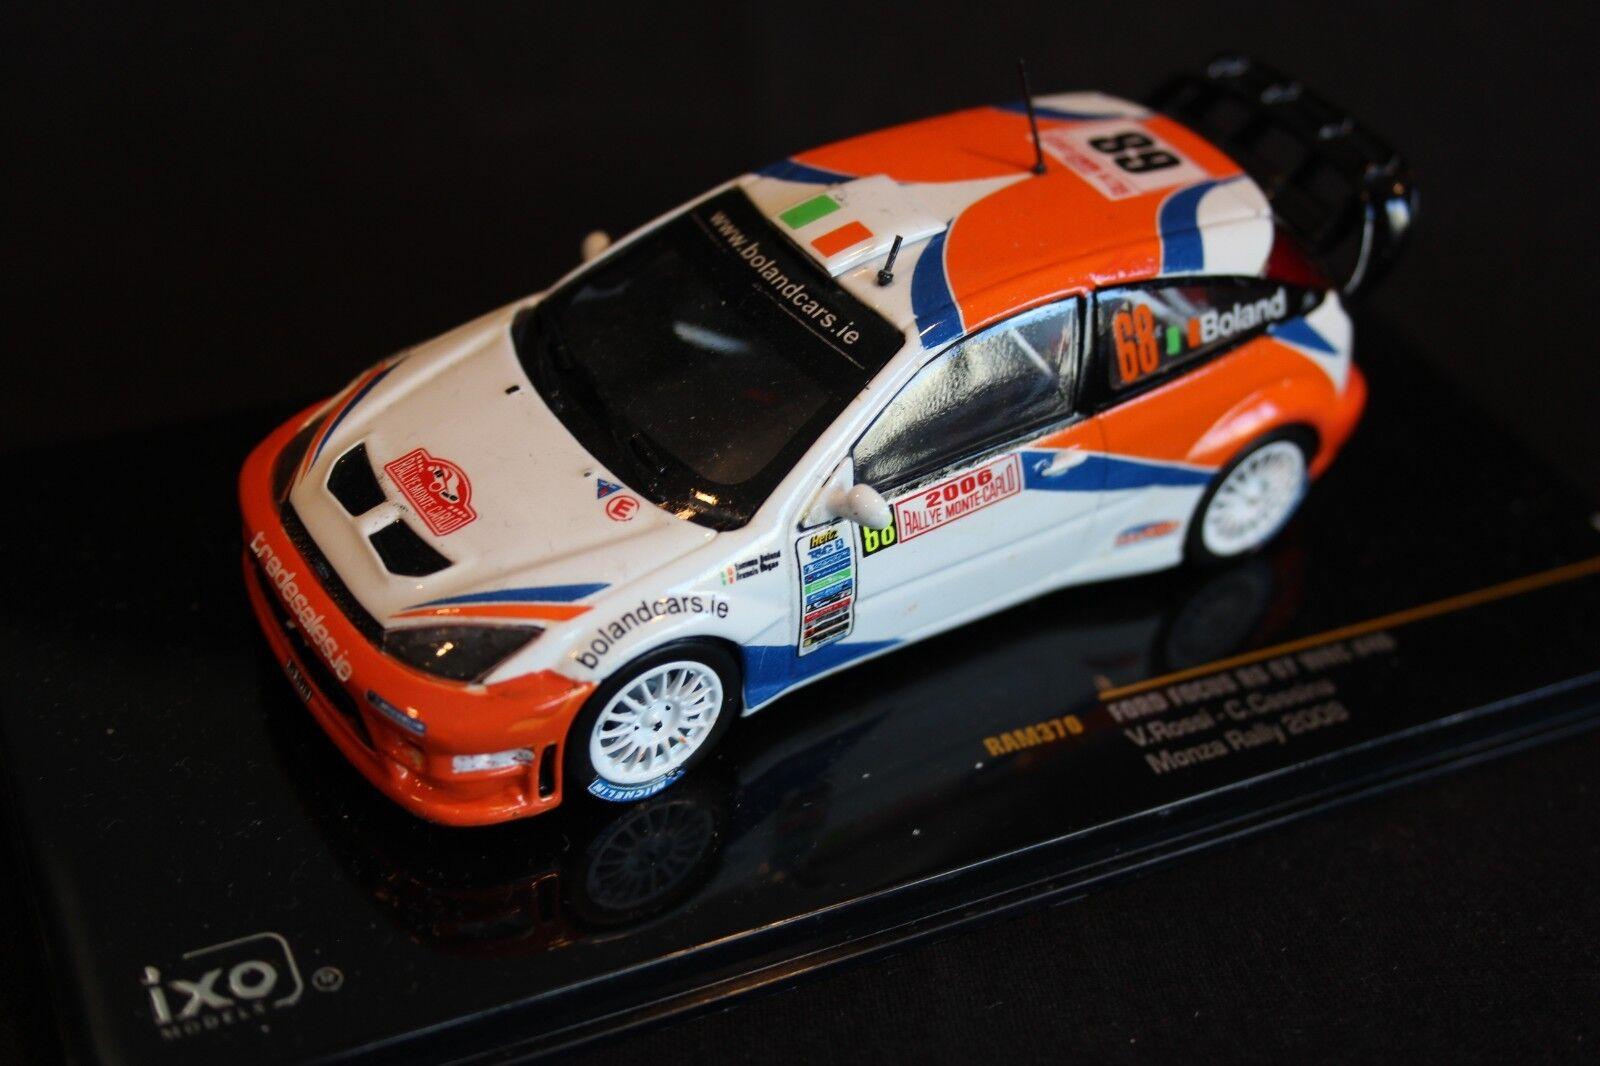 IXO Ford Focus WRC 2006 1 43  68 Boland   Regan Rallye Monte-Carlo